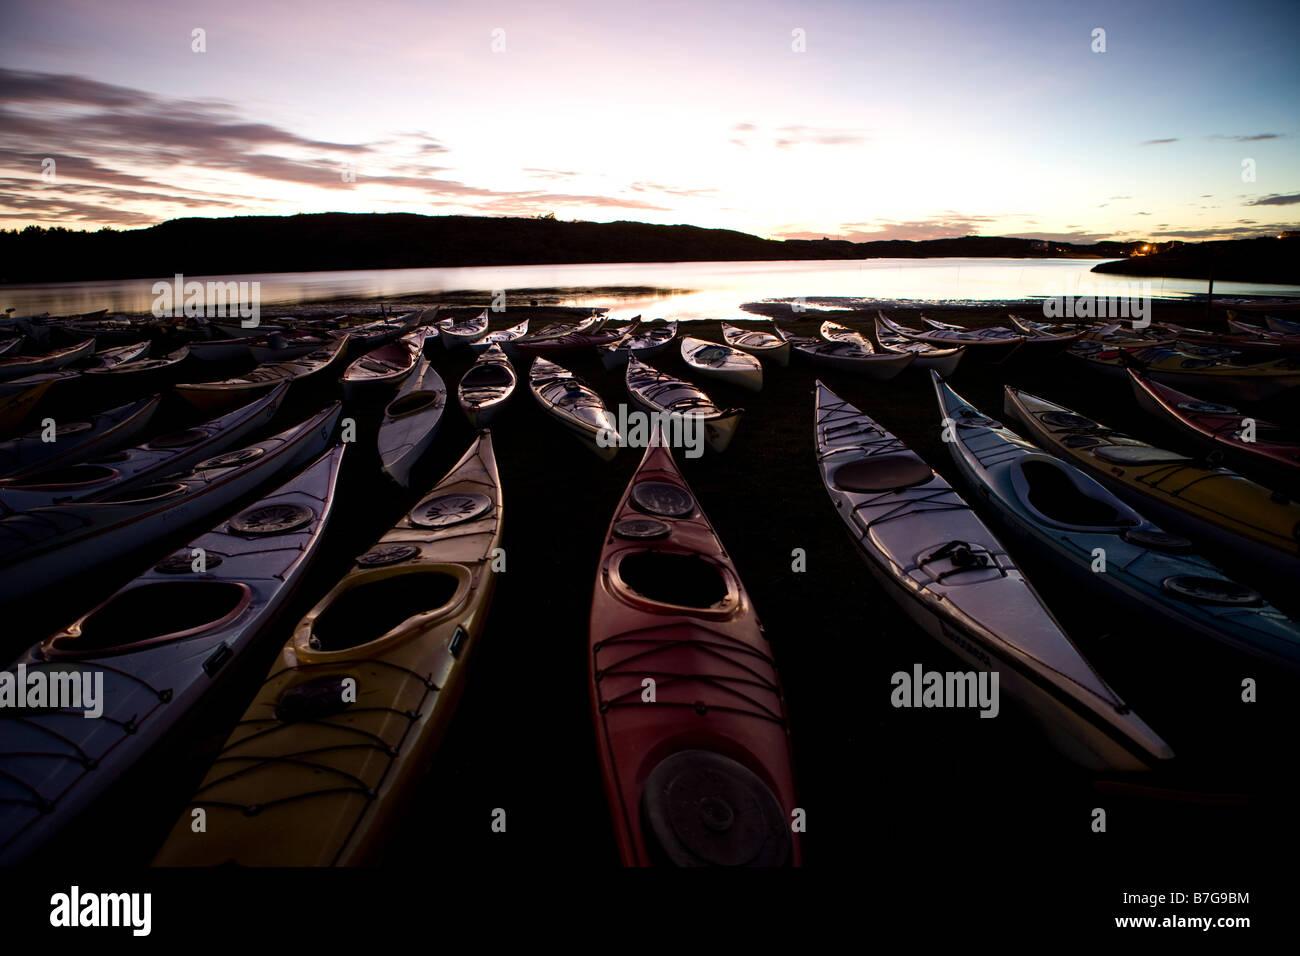 kayaks in orust arcipelago - Stock Image